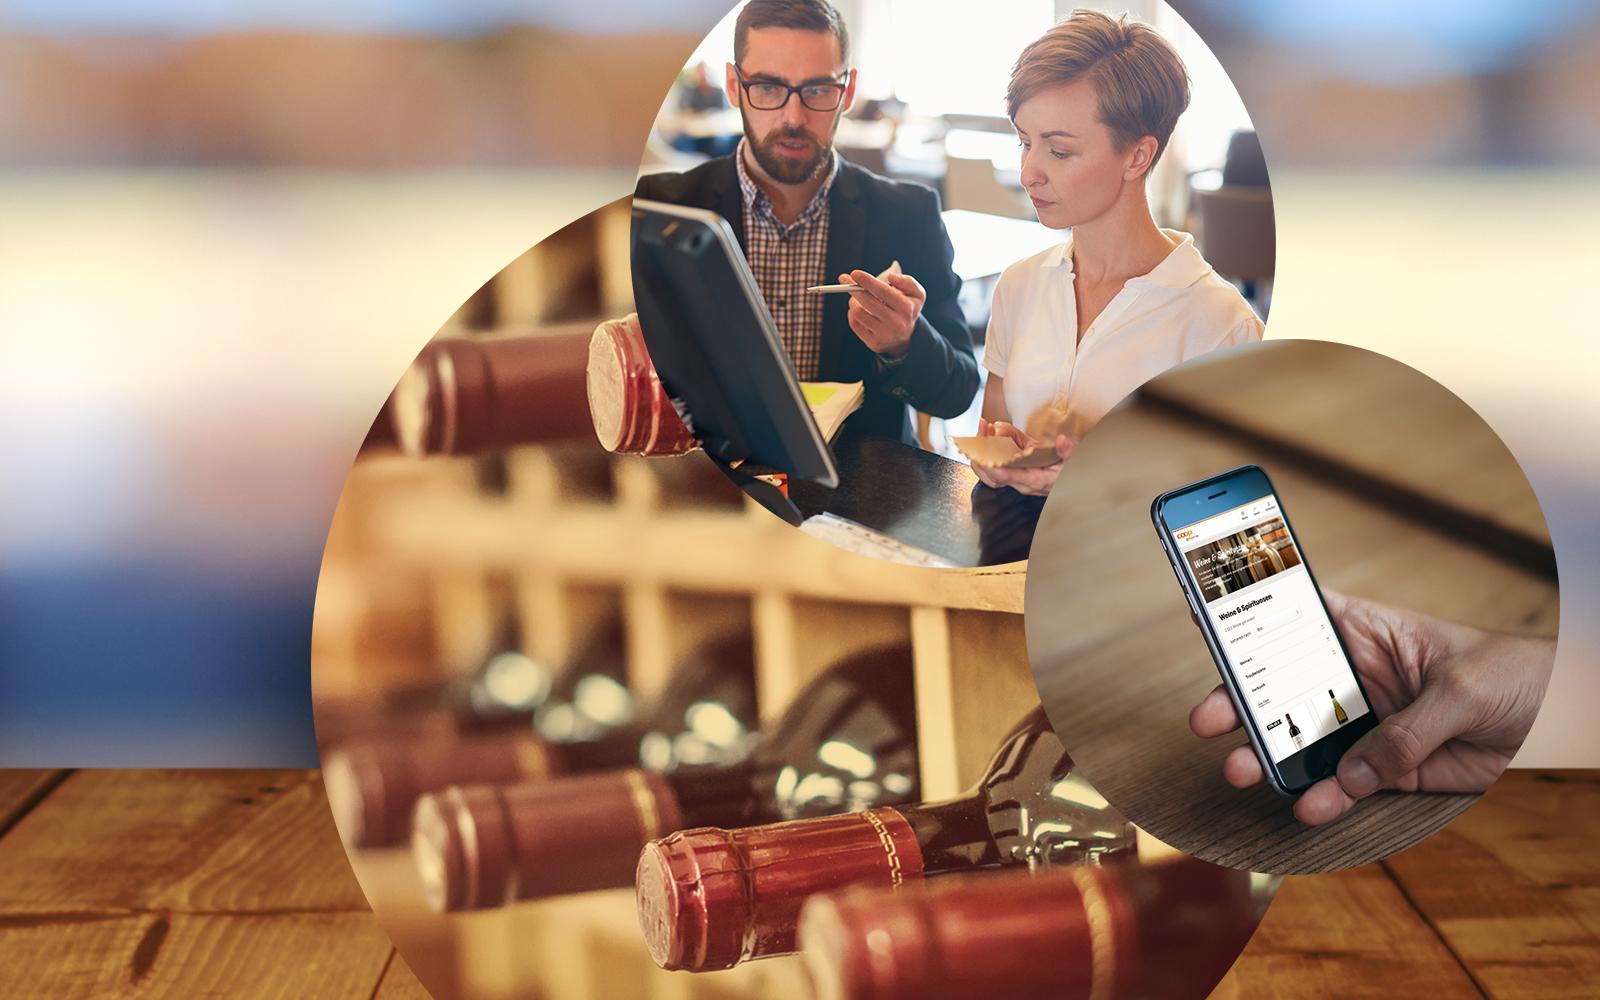 Bild von Weinflaschen in einem Weinregal, einem Handy, auf dem ein Onlineshop geöffnet ist sowie von zwei Personen in einem Beratungsgespräch, valantic Customer Experience (CX)